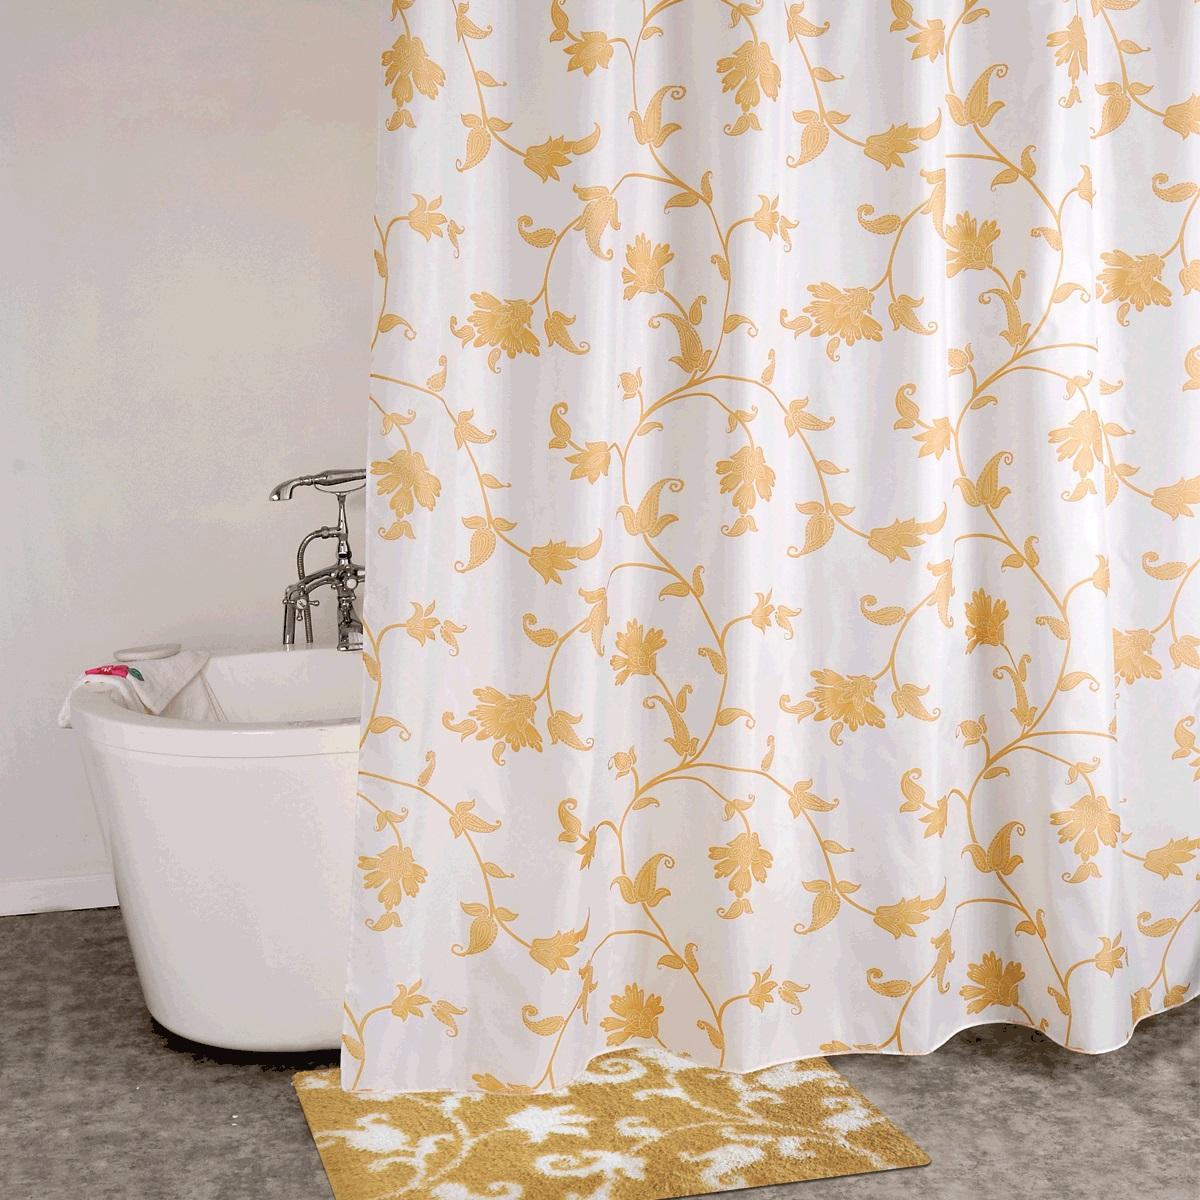 Штора для ванной Iddis Elegant Gold, цвет: белый, желтый, 200 x 200 смSCID131PШтора для ванной комнаты Iddis выполнена из быстросохнущего материала - 100% полиэстера, что обеспечивает прочность изделия и легкость ухода за ним.Материал шторы пропитан специальным водоотталкивающим составом Waterprof.Изделие изготовлено из экологически-чистого материала, оно обладает высокой степенью гигиеничности, не вызывает аллергических реакций.Штора имеет 12 металлических люверсов. В комплекте: штора и кольца.